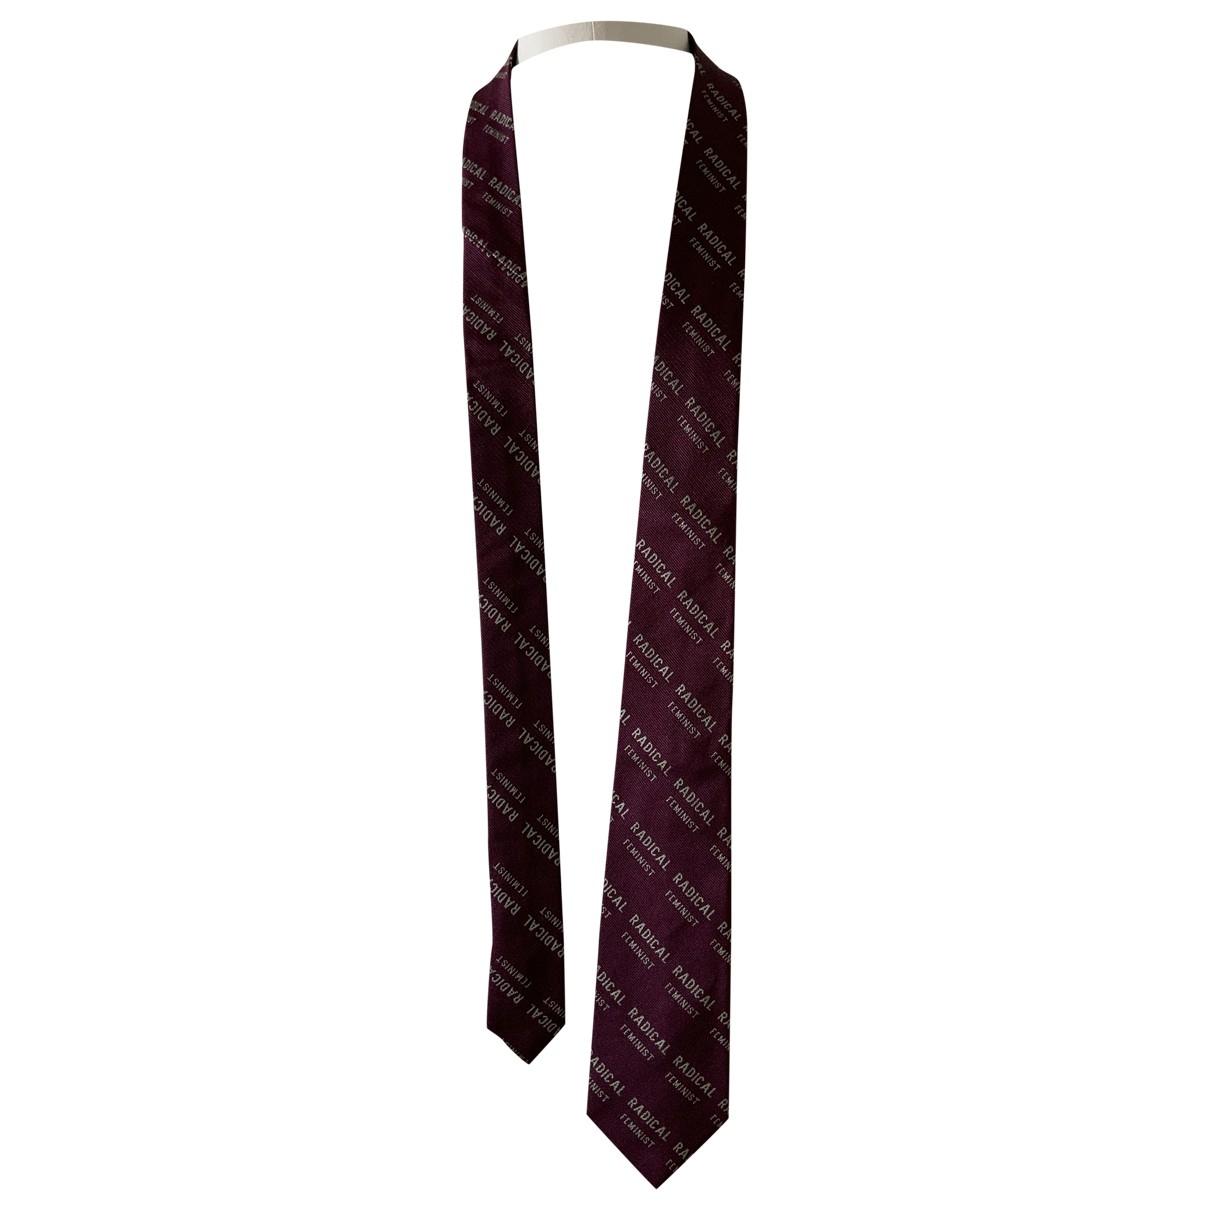 Acne Studios - Cravates   pour homme en soie - bordeaux